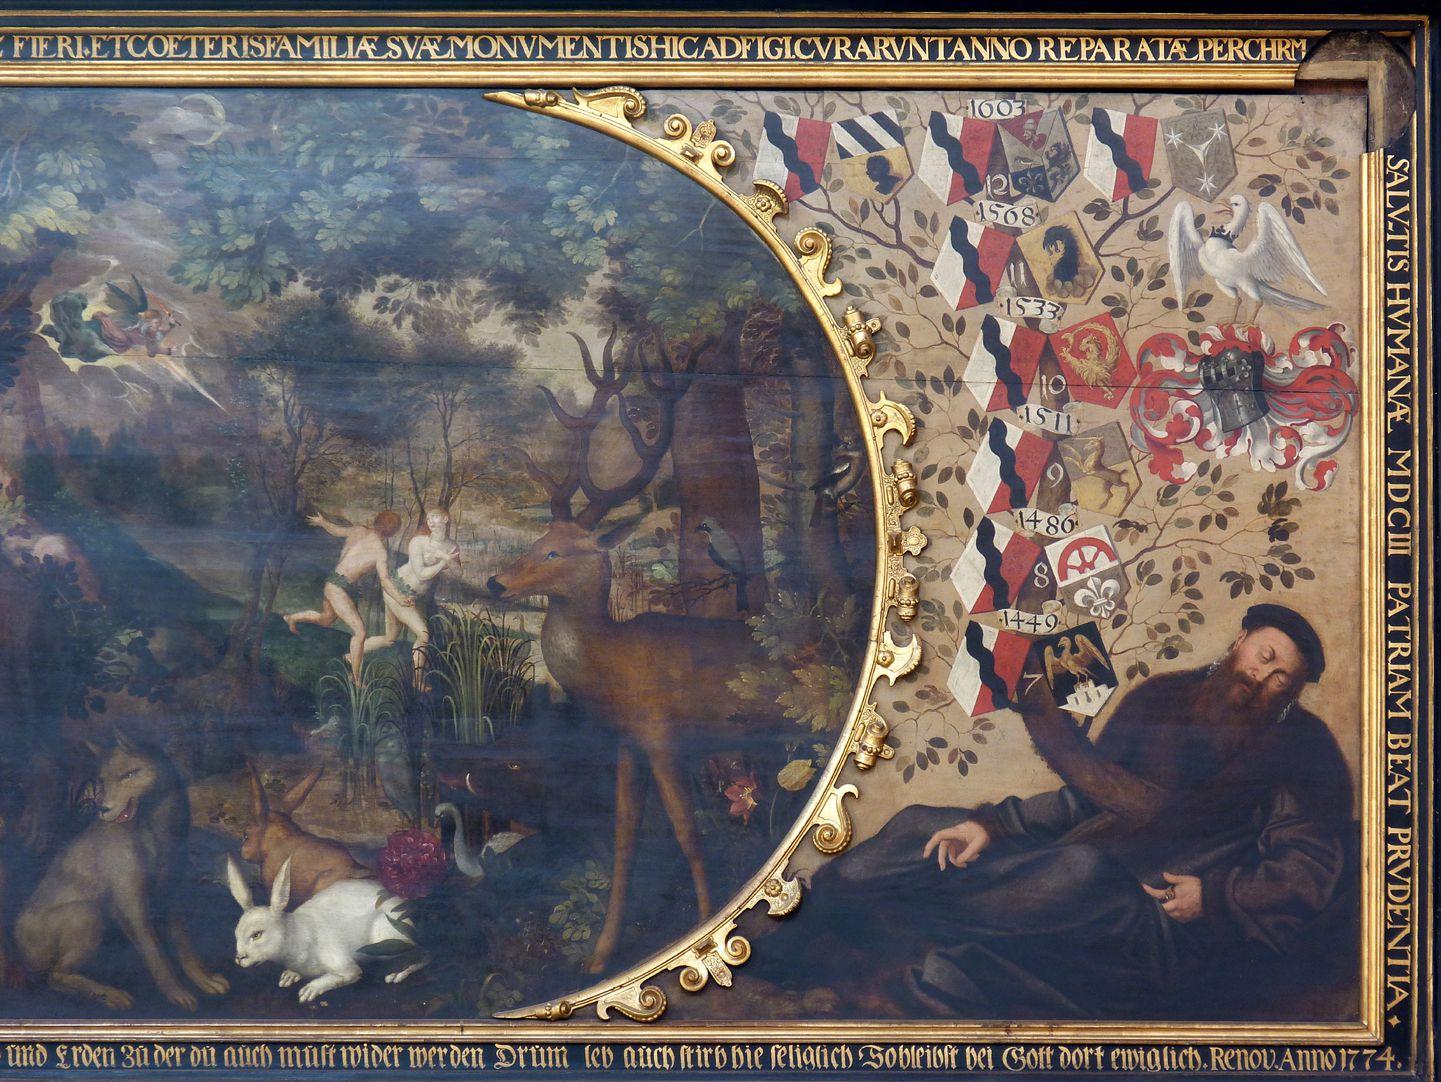 Gedächtnisbild der Familie Behaim rechter Bildteil, von l. nach r. Vertreibung, Paradiestiere, liegender Stammvater der Familie mit Wappen und Filakterien